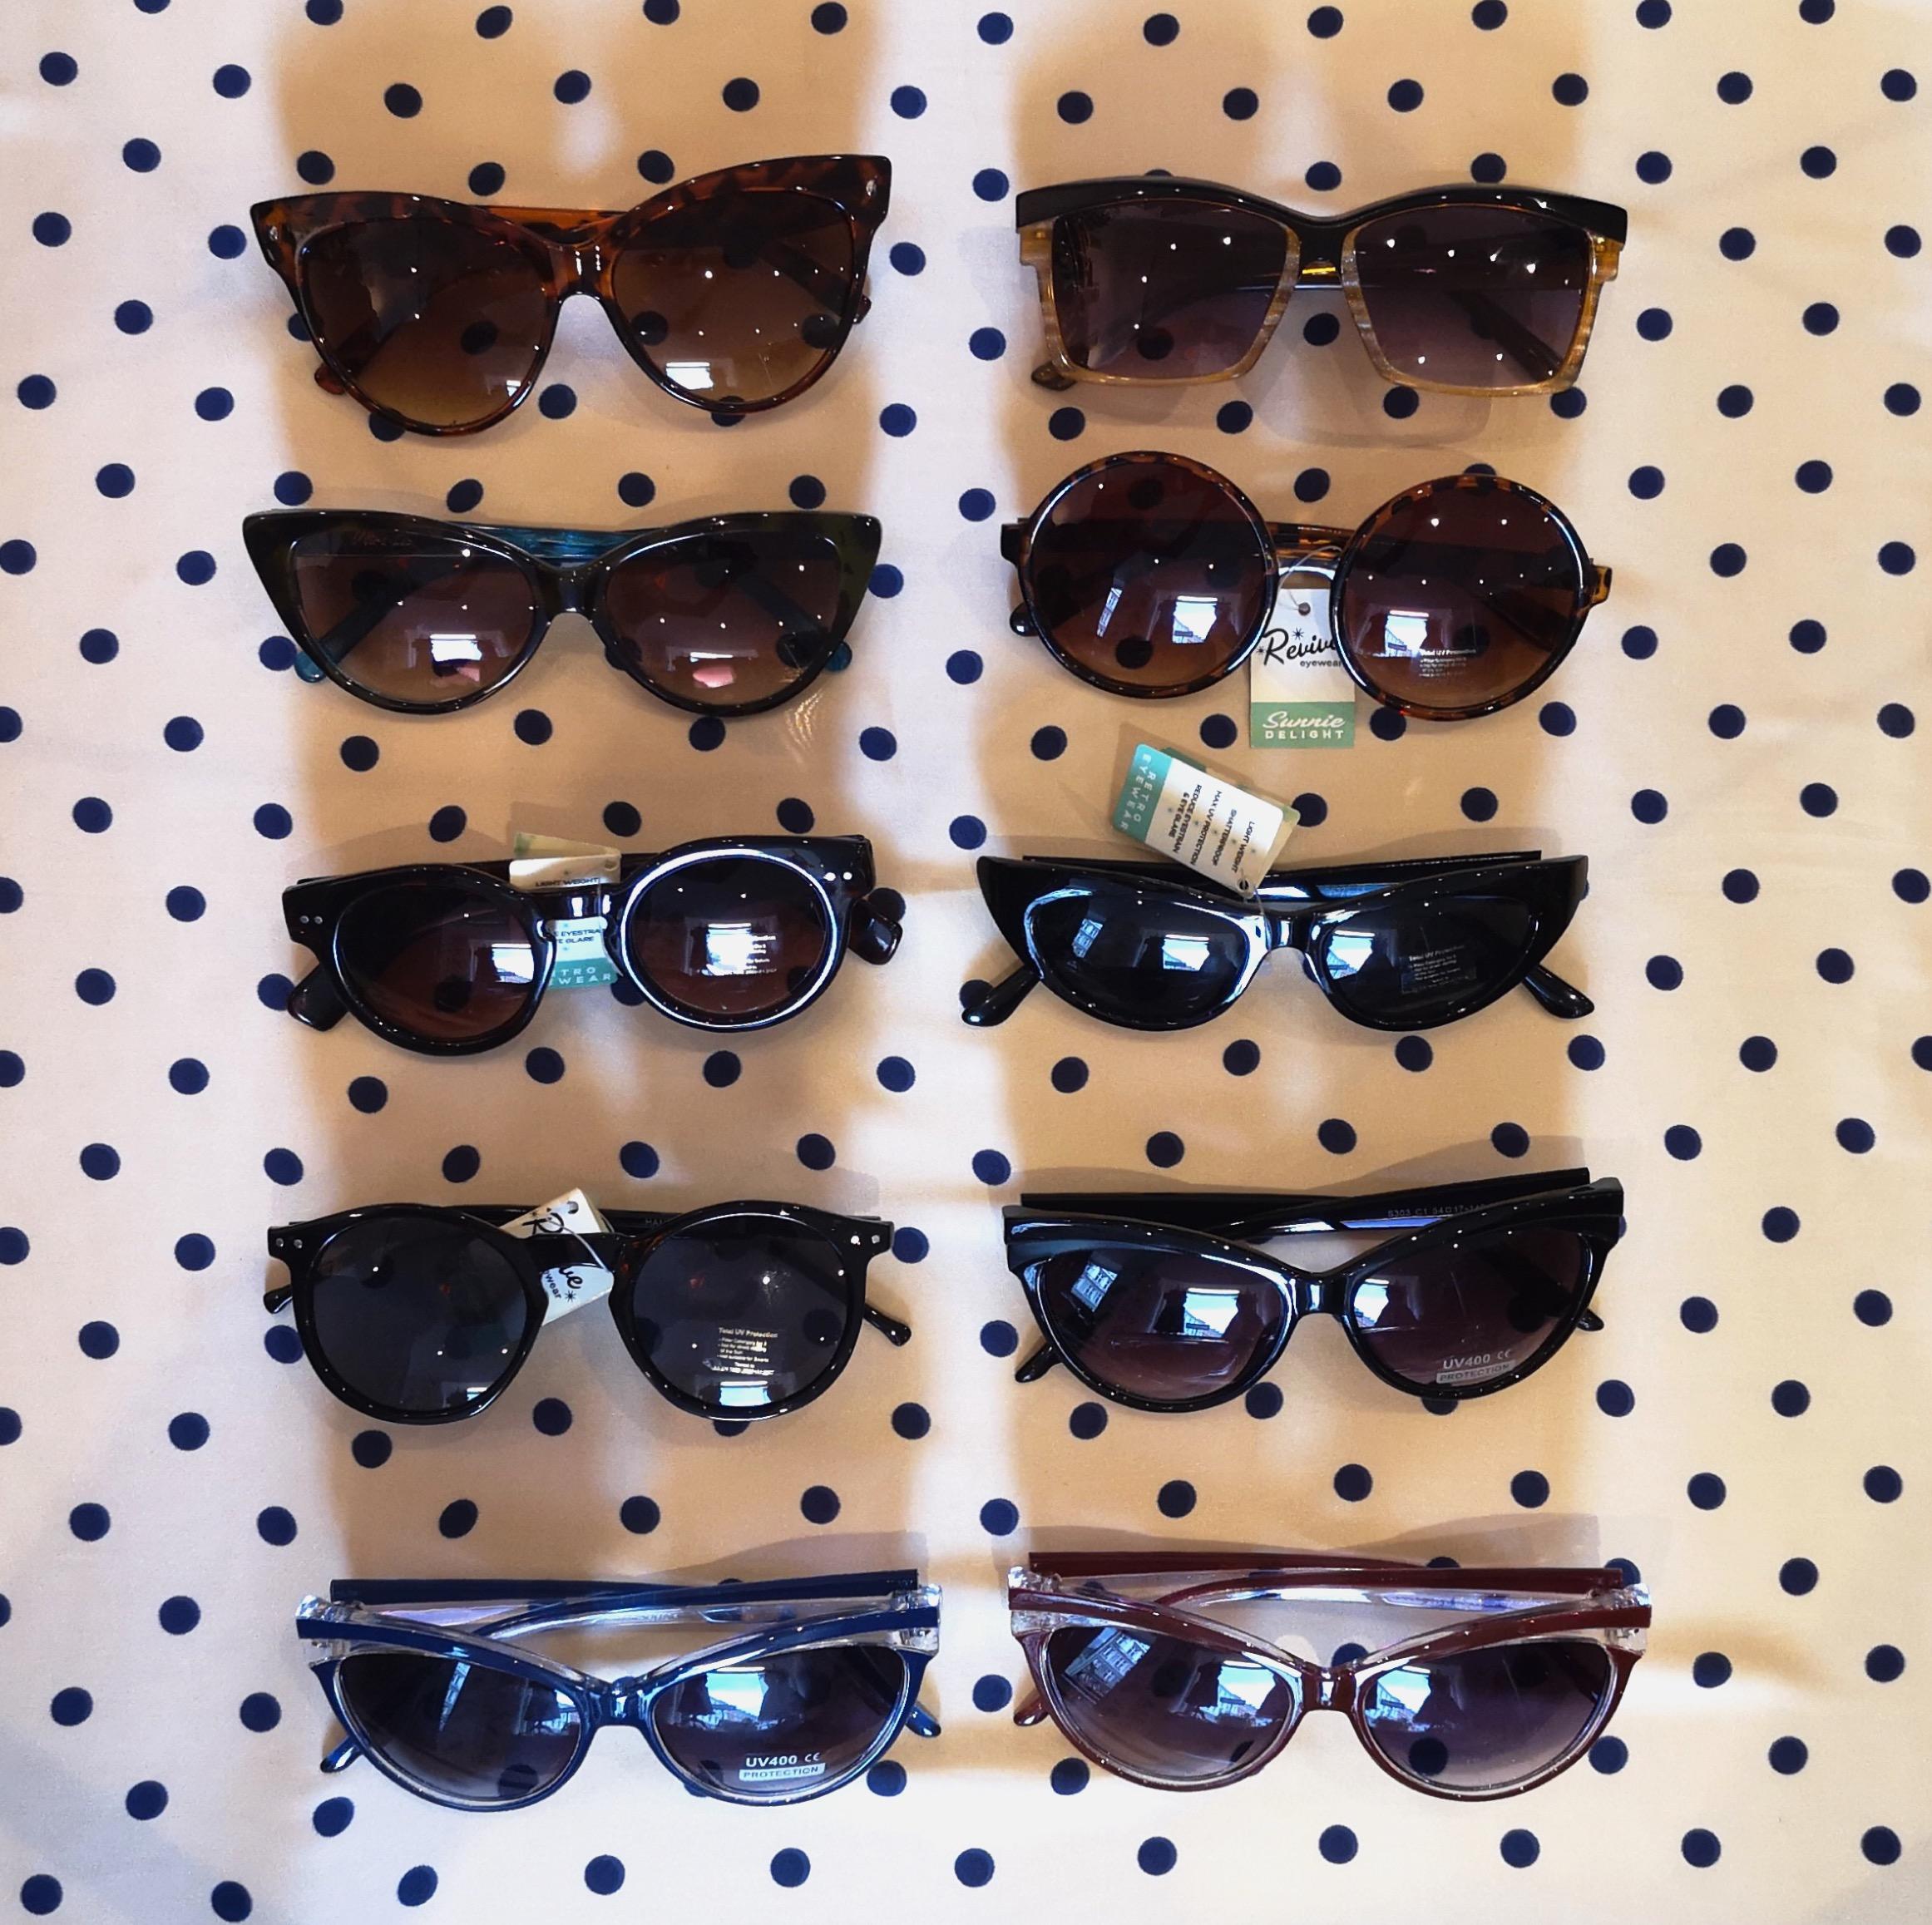 1950er retro stil cateye solbriller fra Mondo Kaos